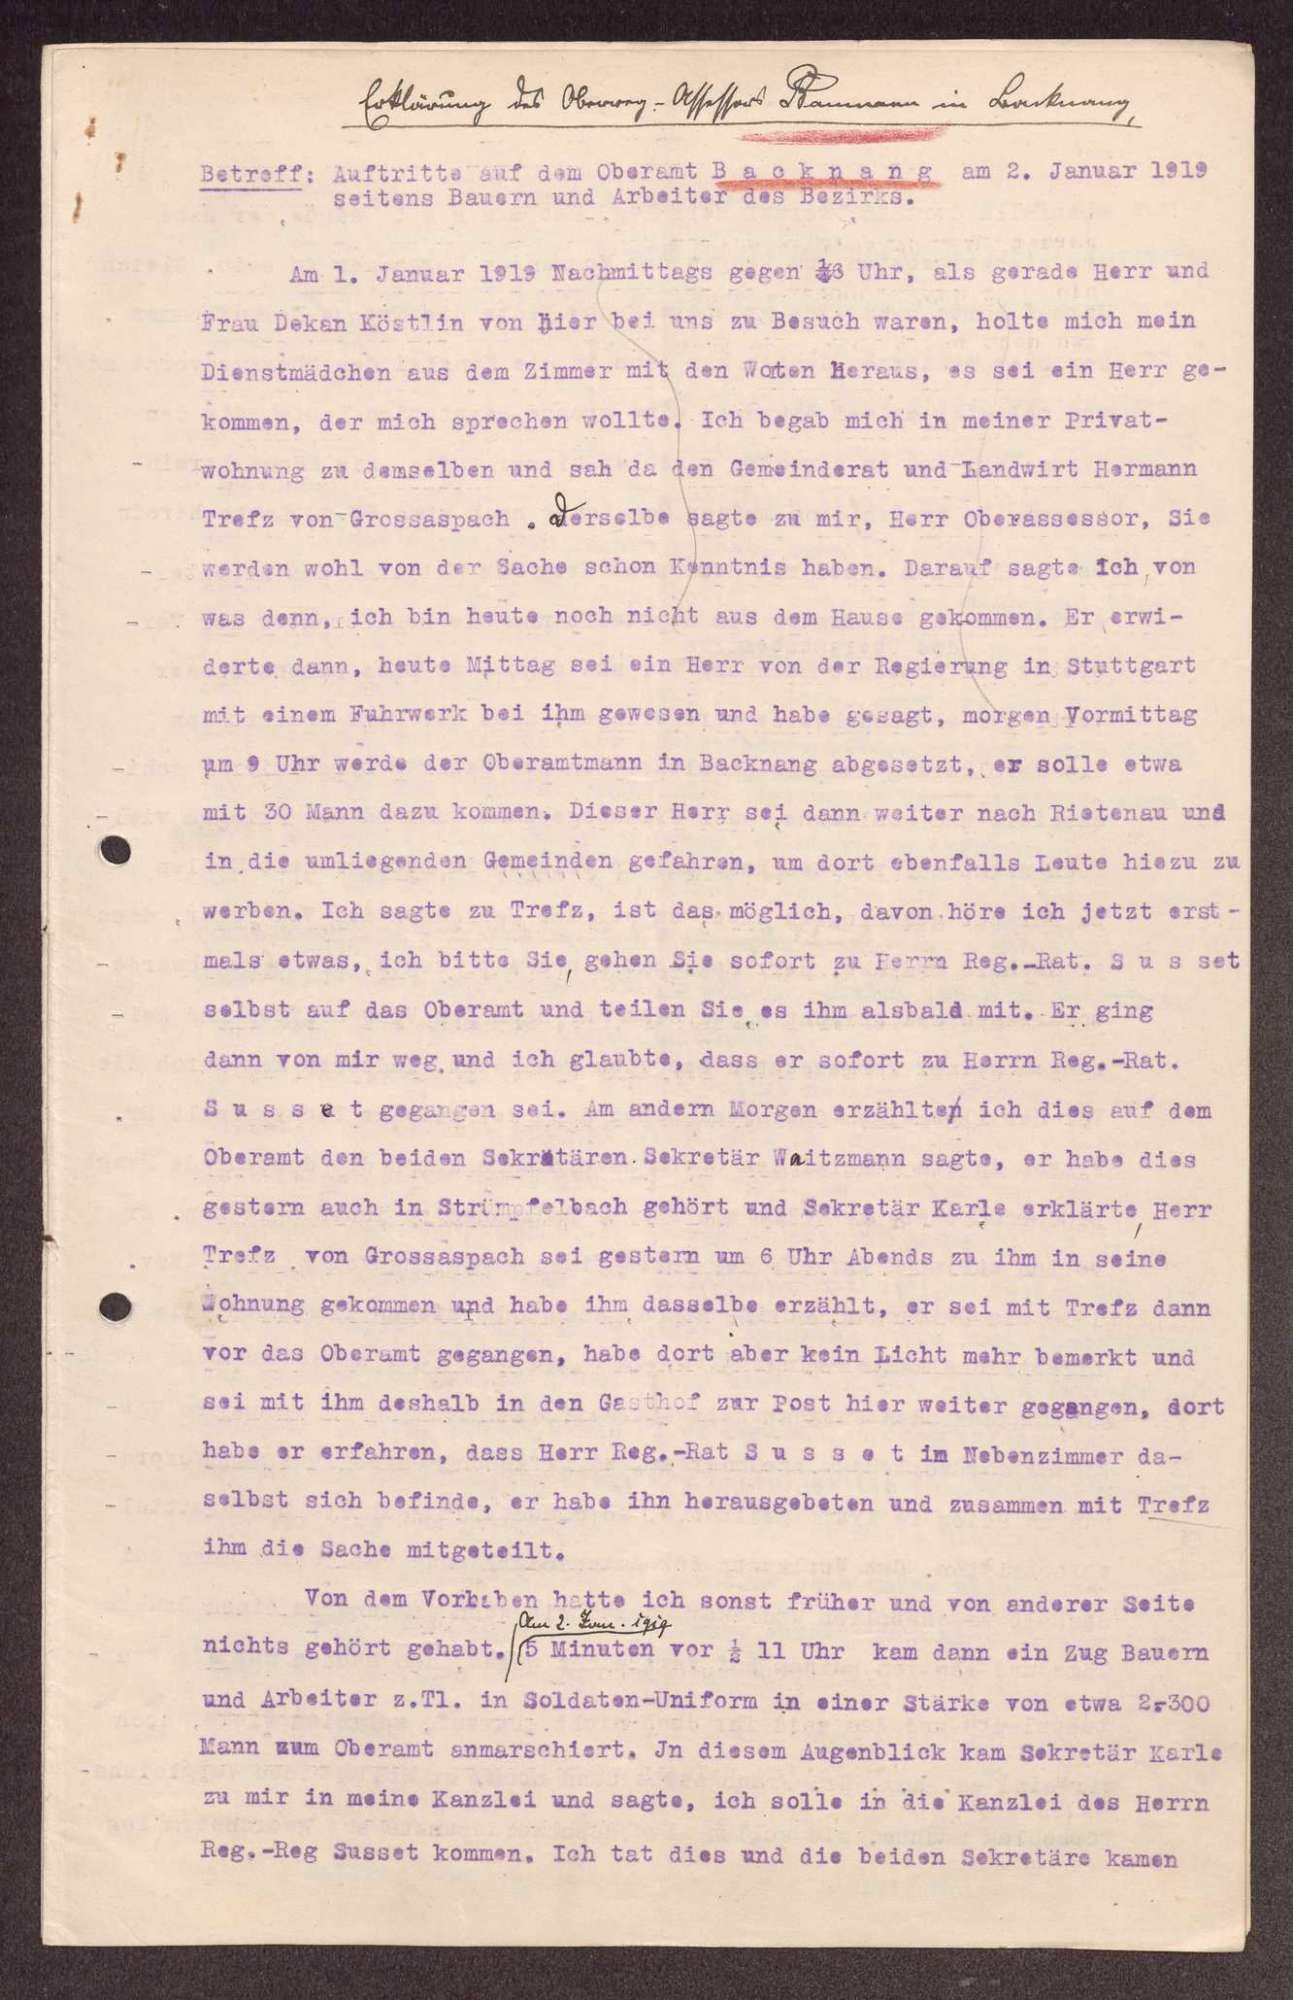 Auseinandersetzung mit Oberämtern und Gemeindeverwaltungen wegen deren Amtsführung, Bild 2